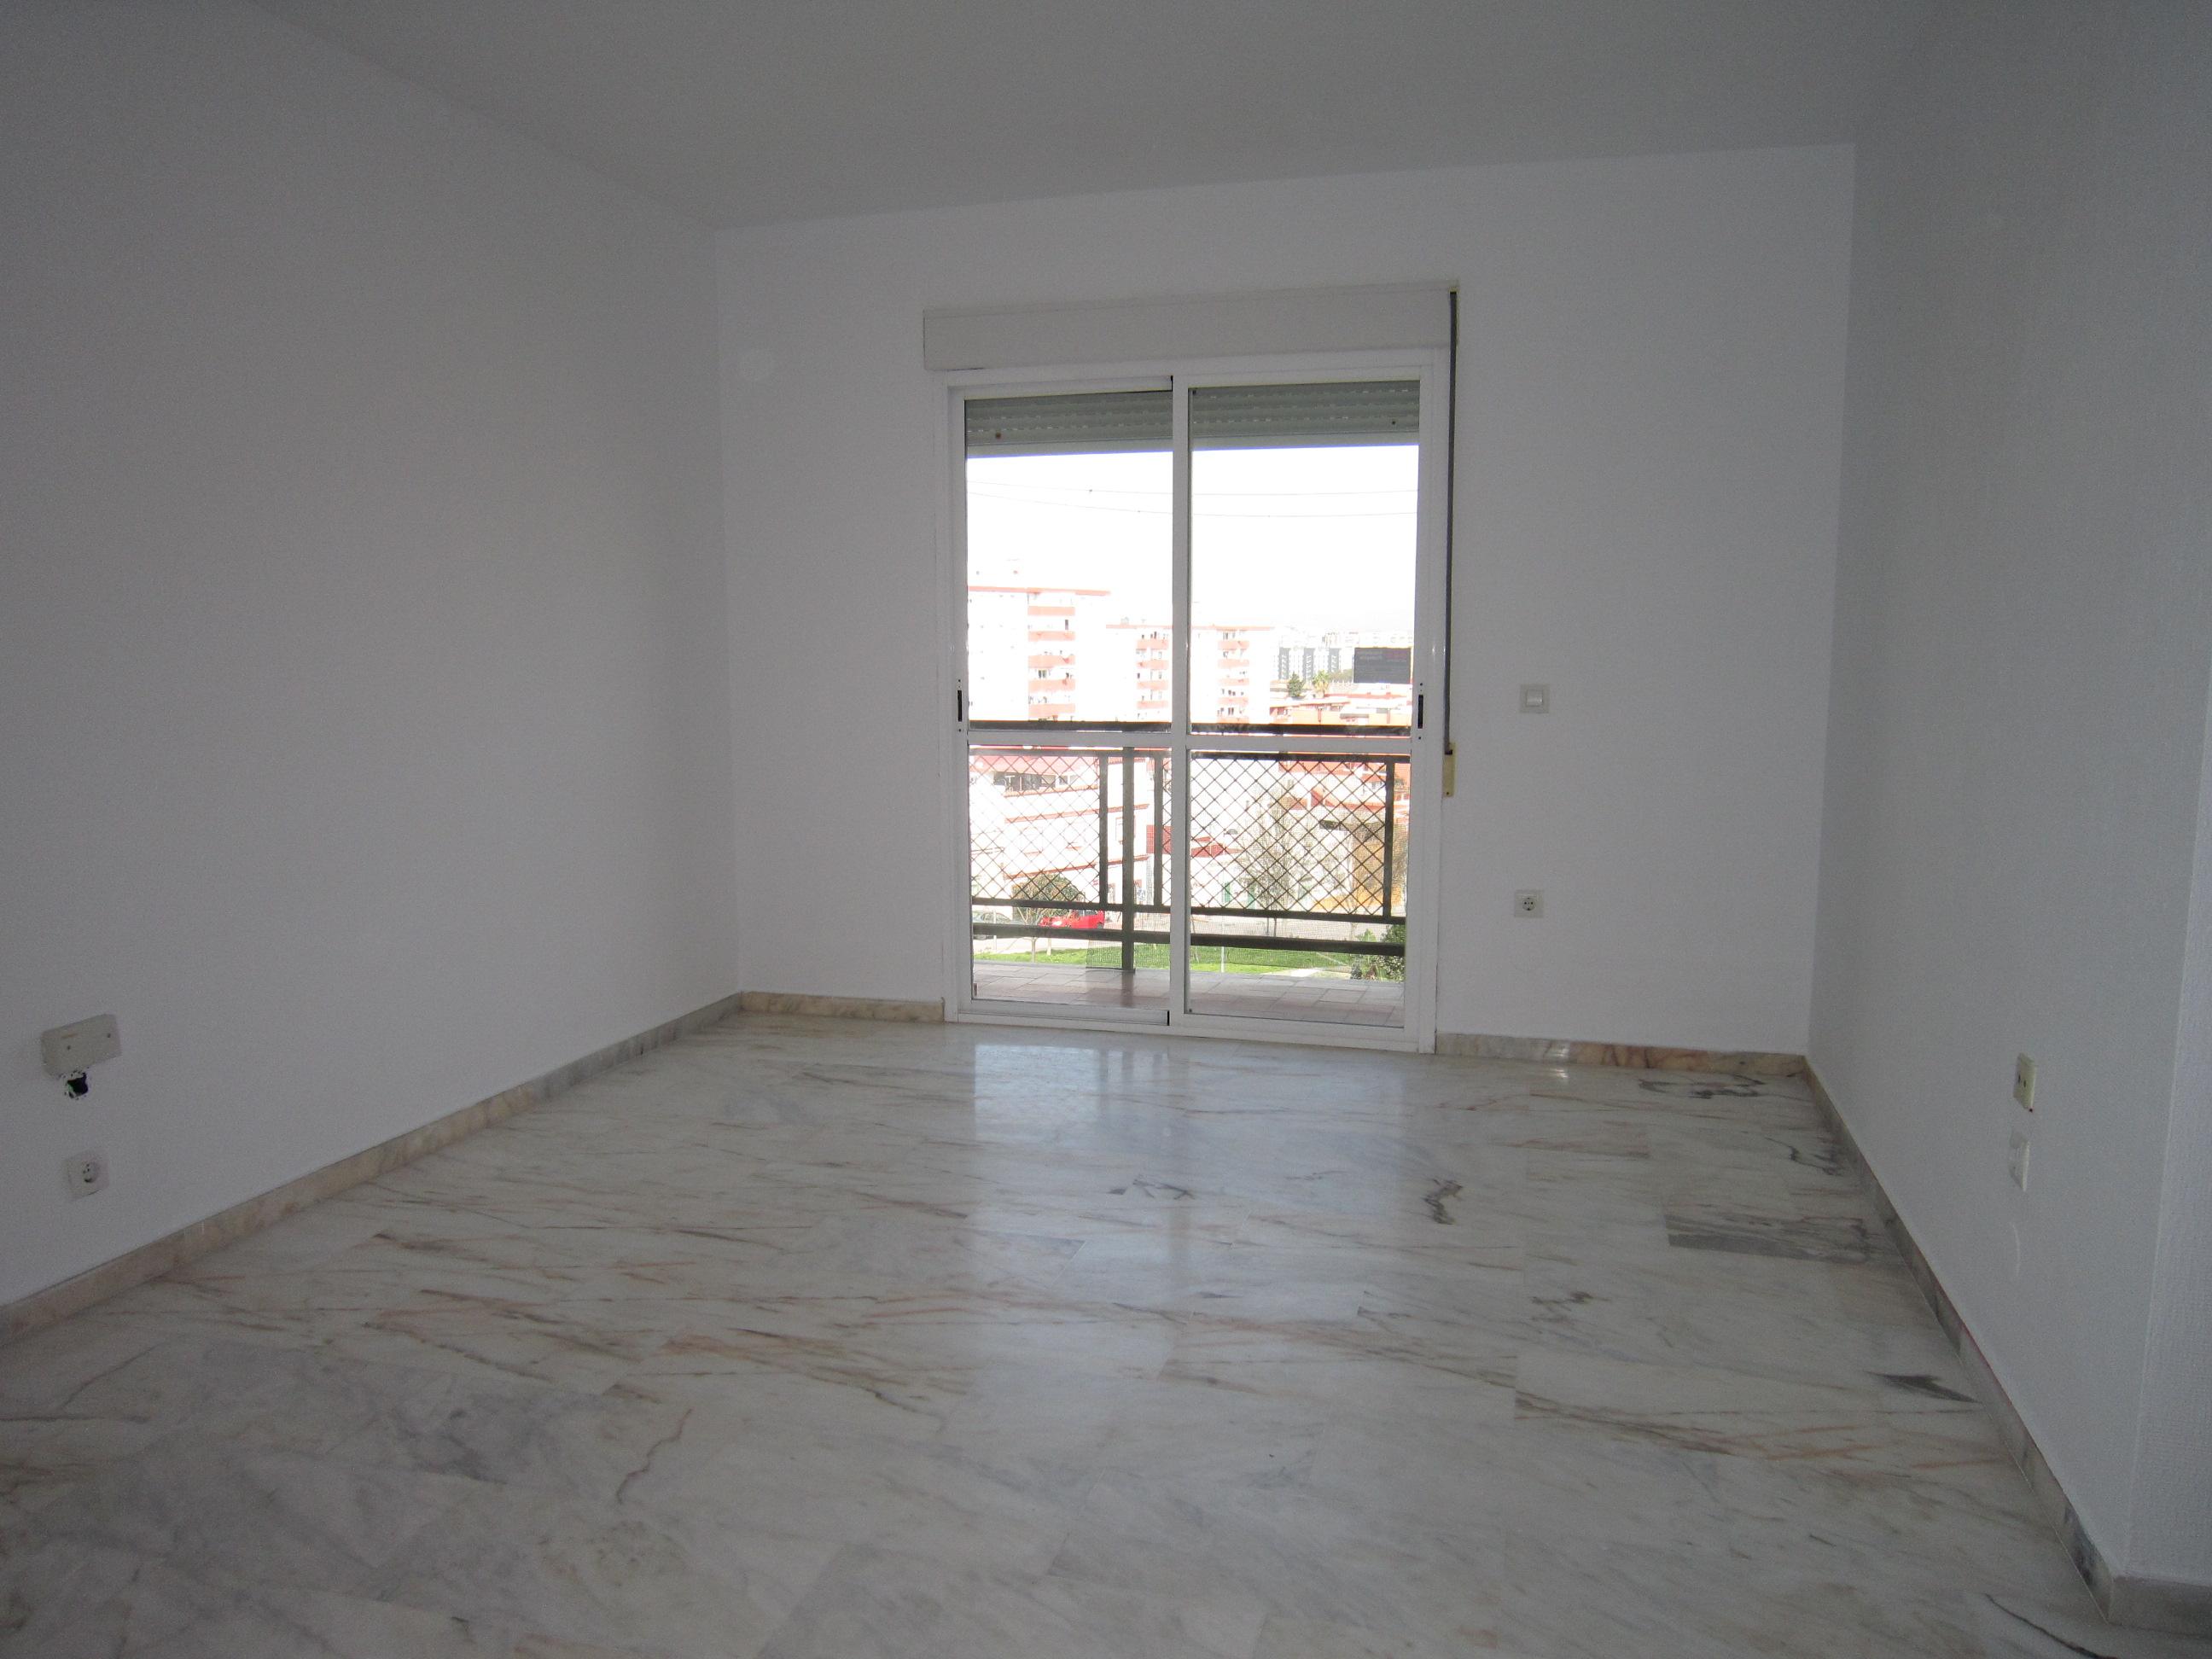 Piso en venta en Piso en Algeciras, Cádiz, 65.500 €, 3 habitaciones, 2 baños, 105 m2, Garaje